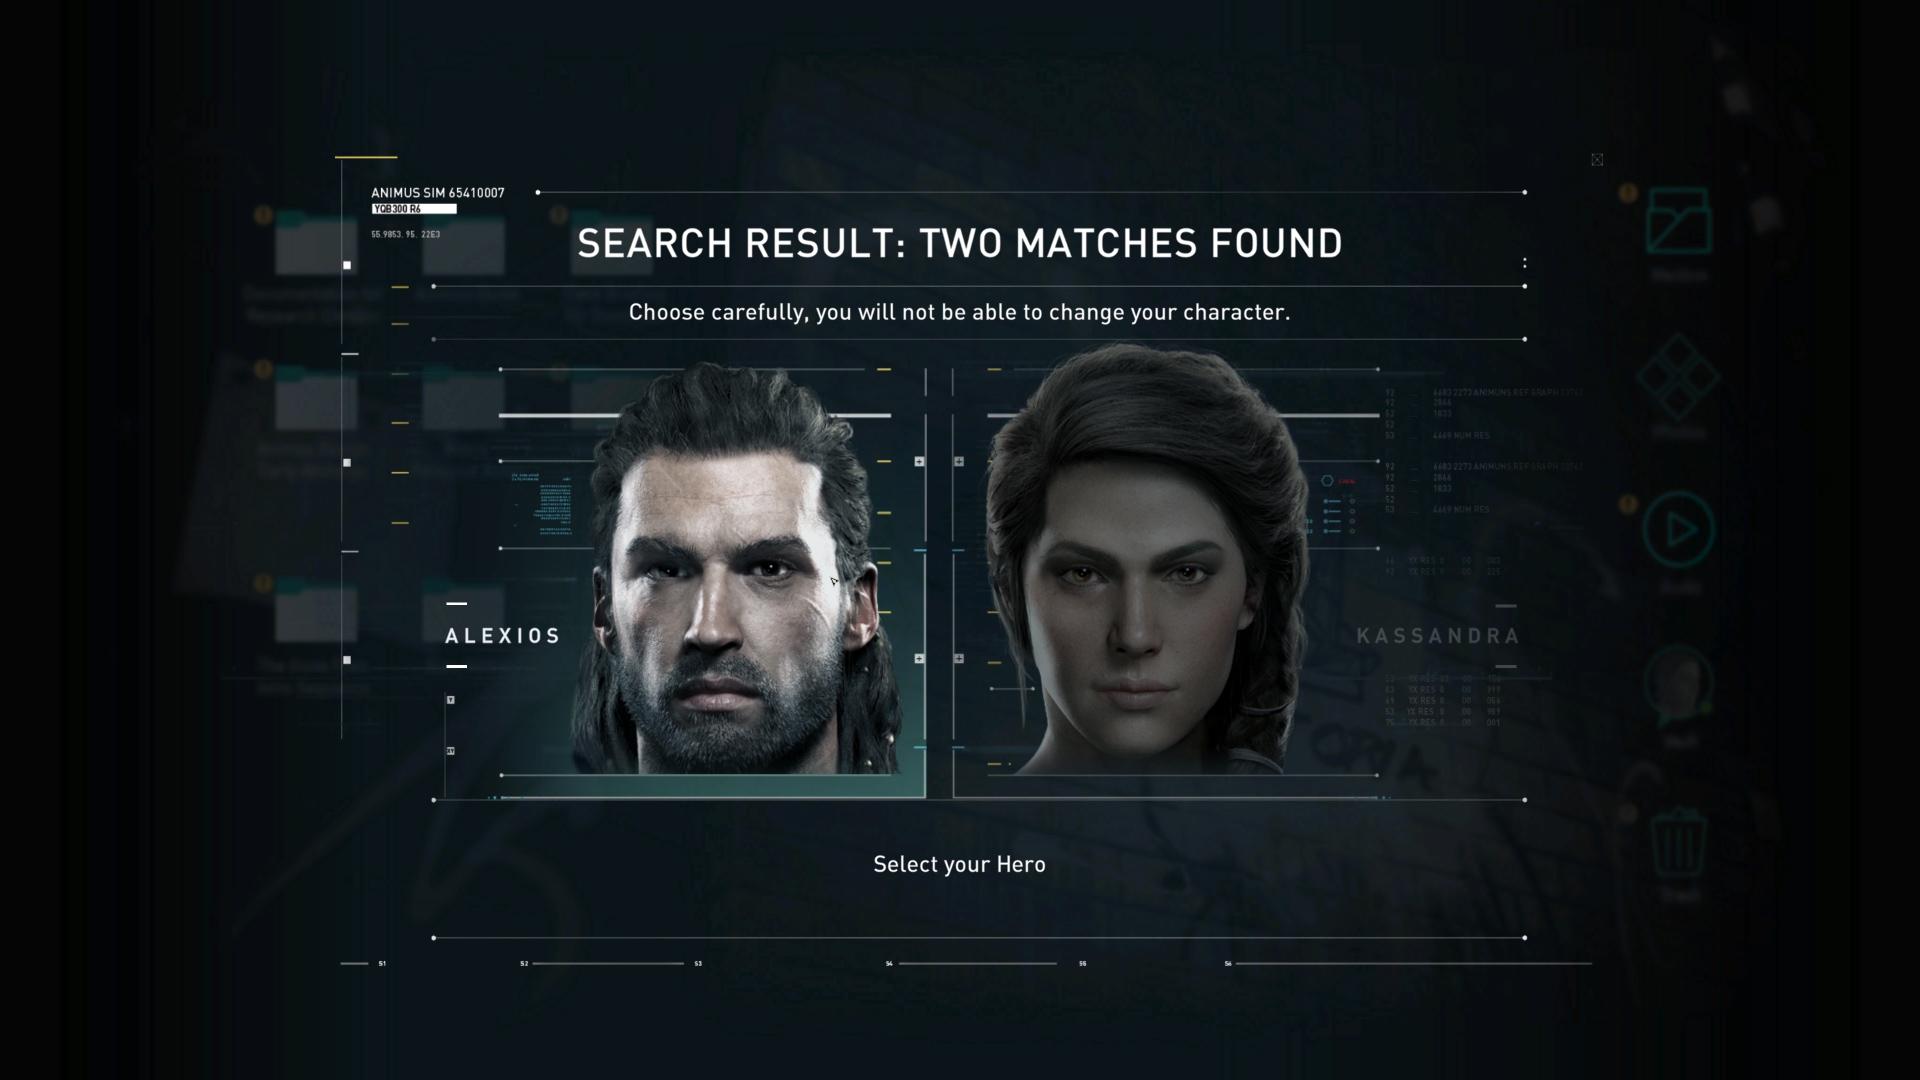 Assassin's Creed  Odyssey 2018.11.27 - 19.17.03.01.00_13_02_27.Still017.jpg